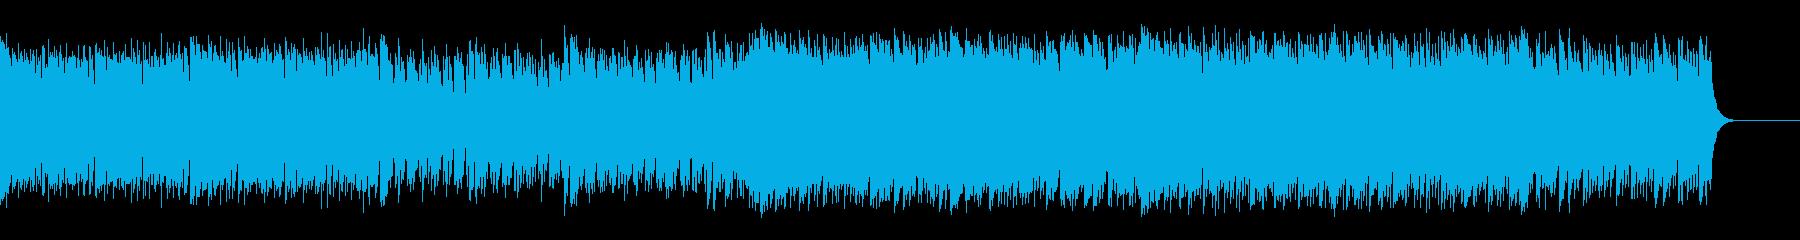 スピード感のある王道なドラムンベース。の再生済みの波形